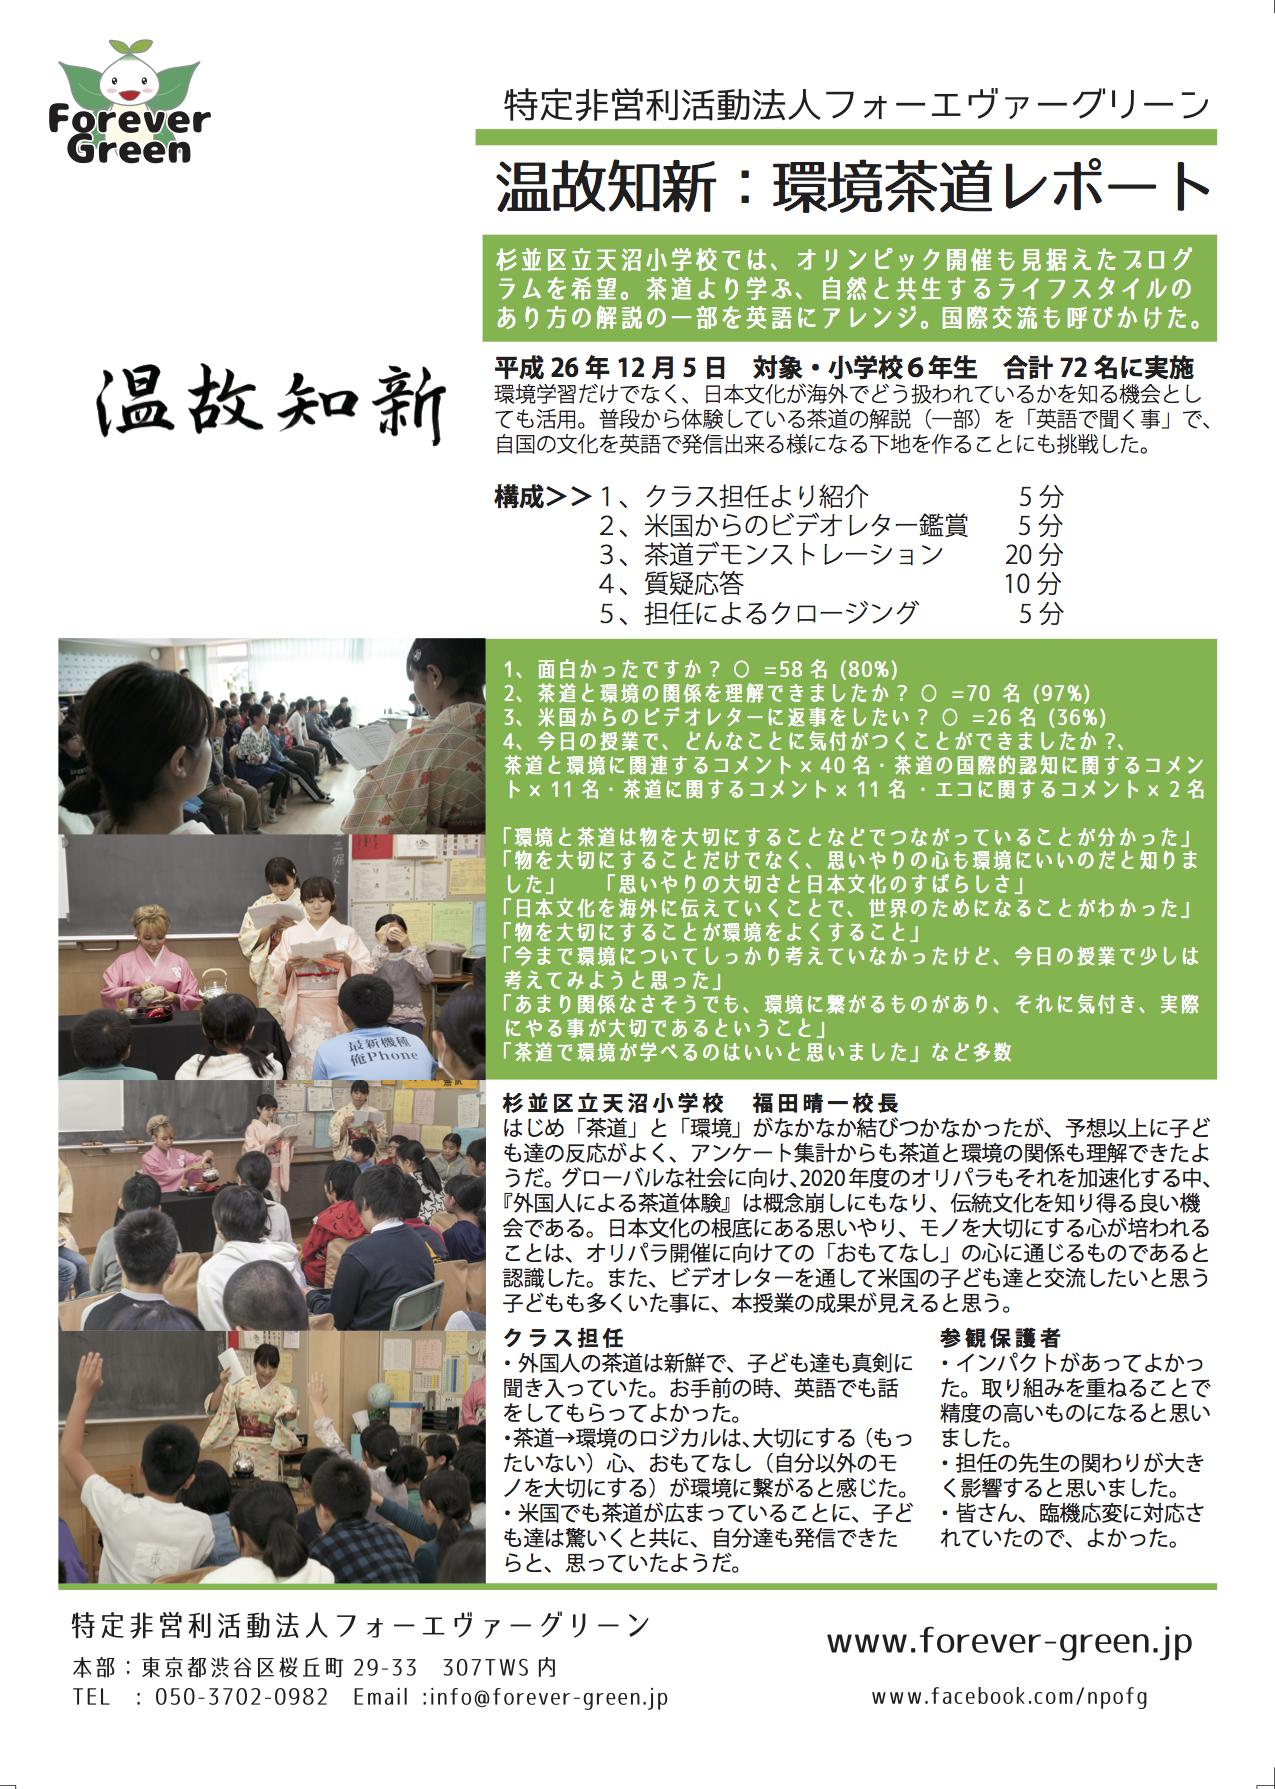 report-amanuma-principal-school